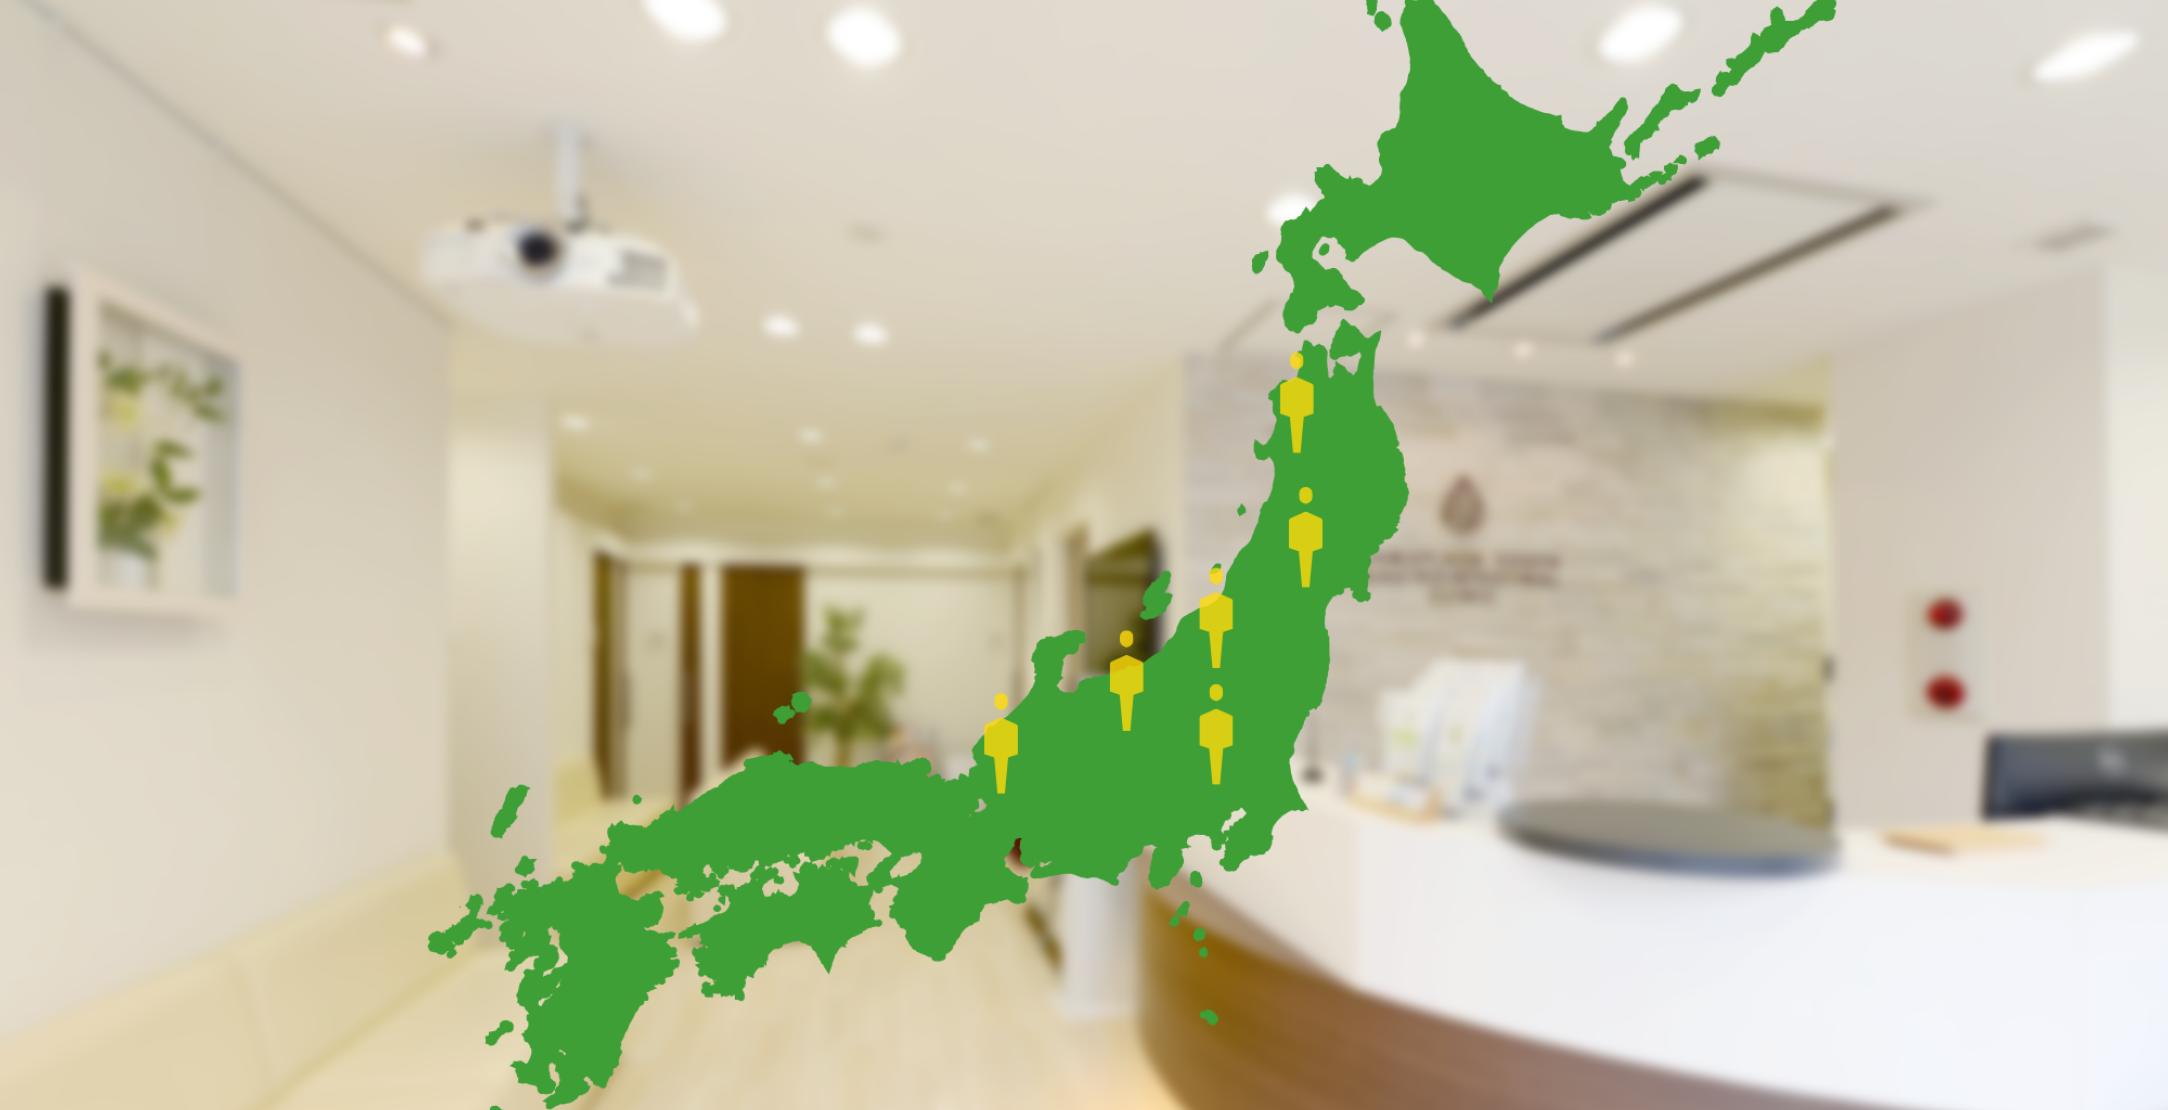 来院者様 地域別MAPのイメージ